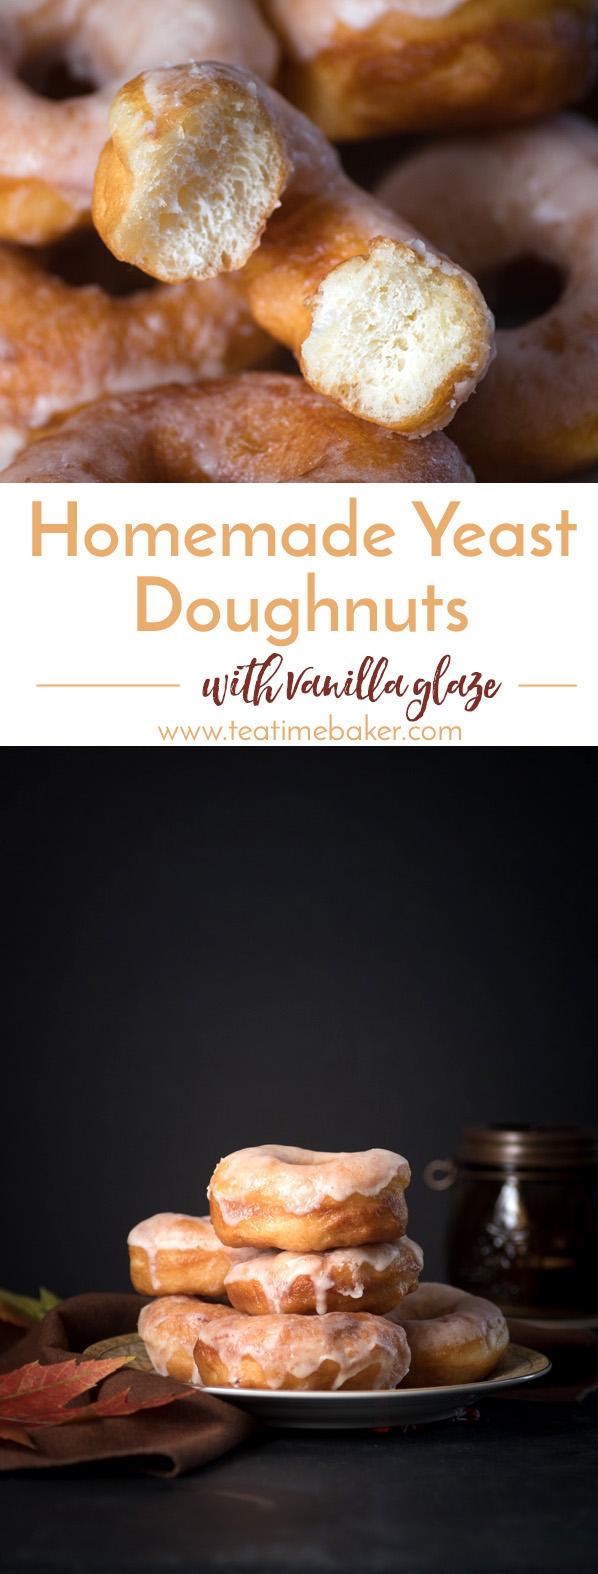 Homemade Yeast Doughnuts with Vanilla Glaze